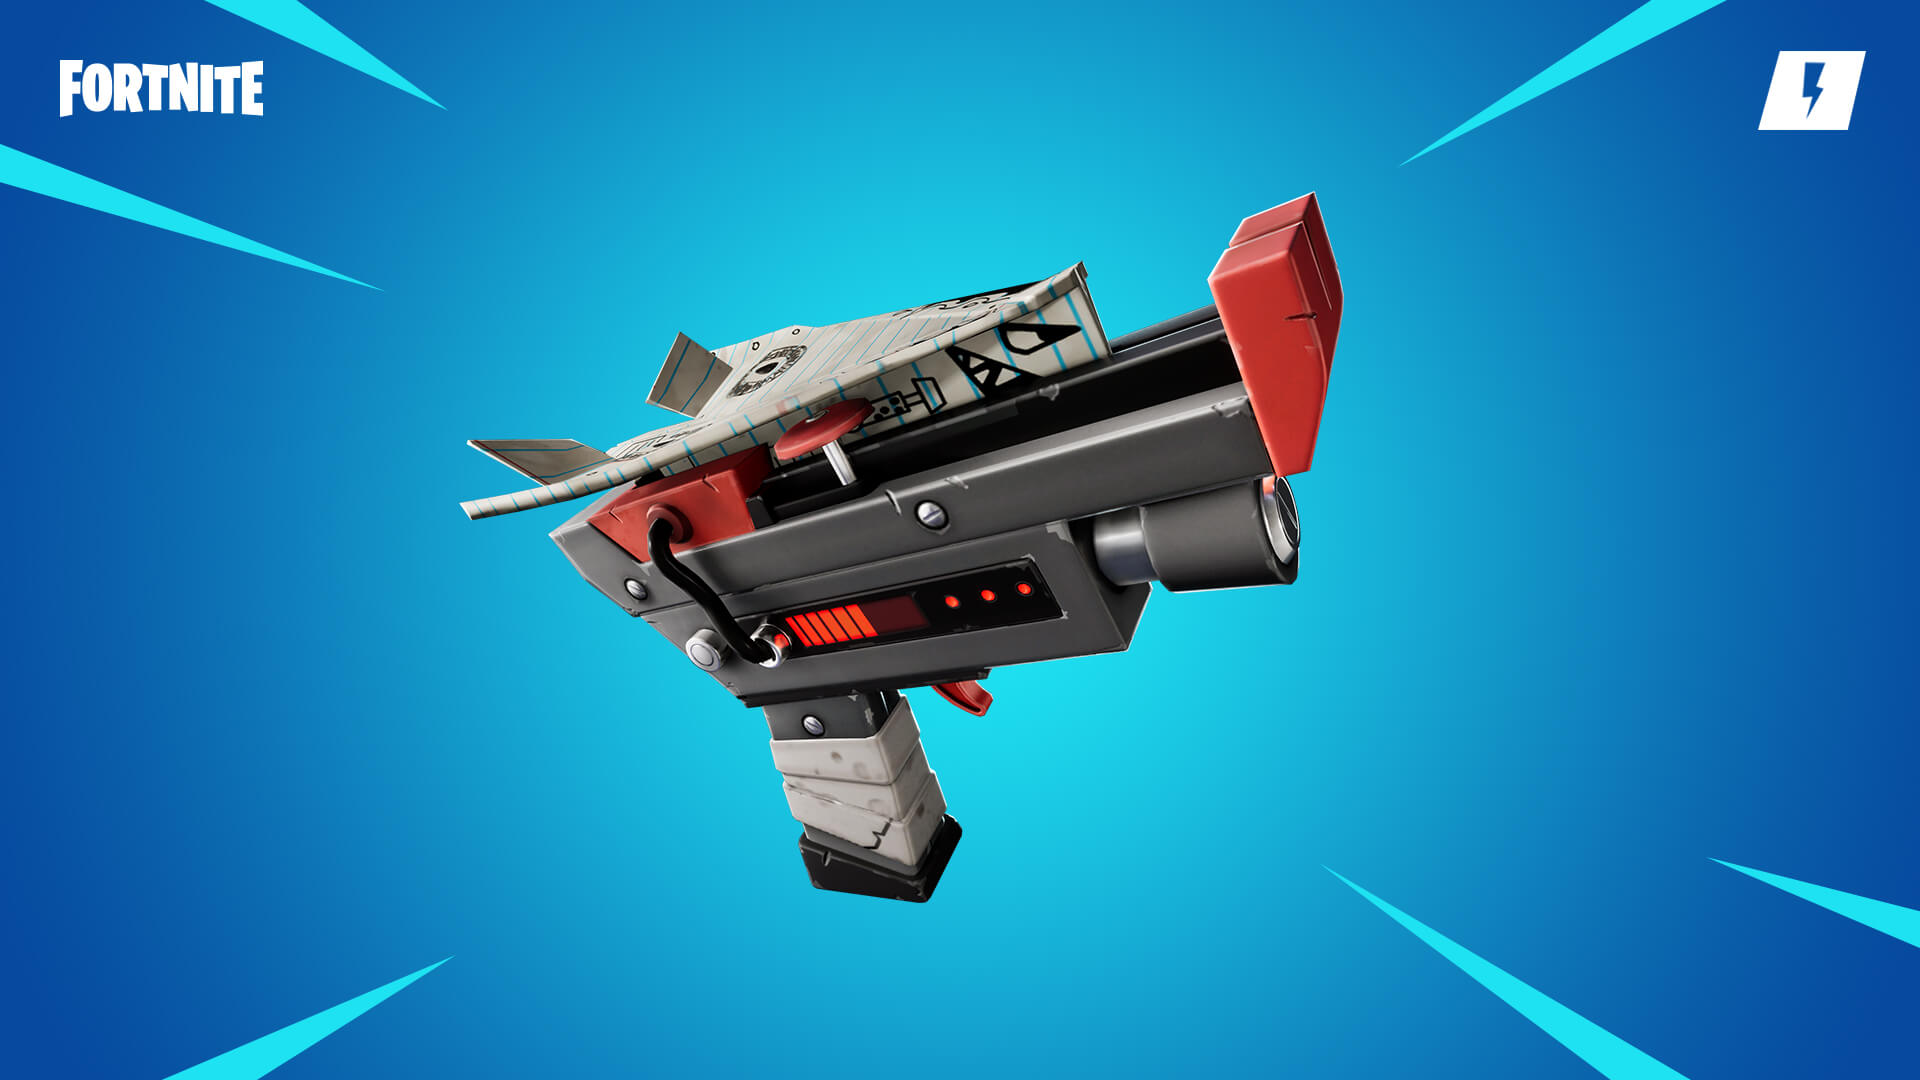 Fortnite Save The World Paper Shredder